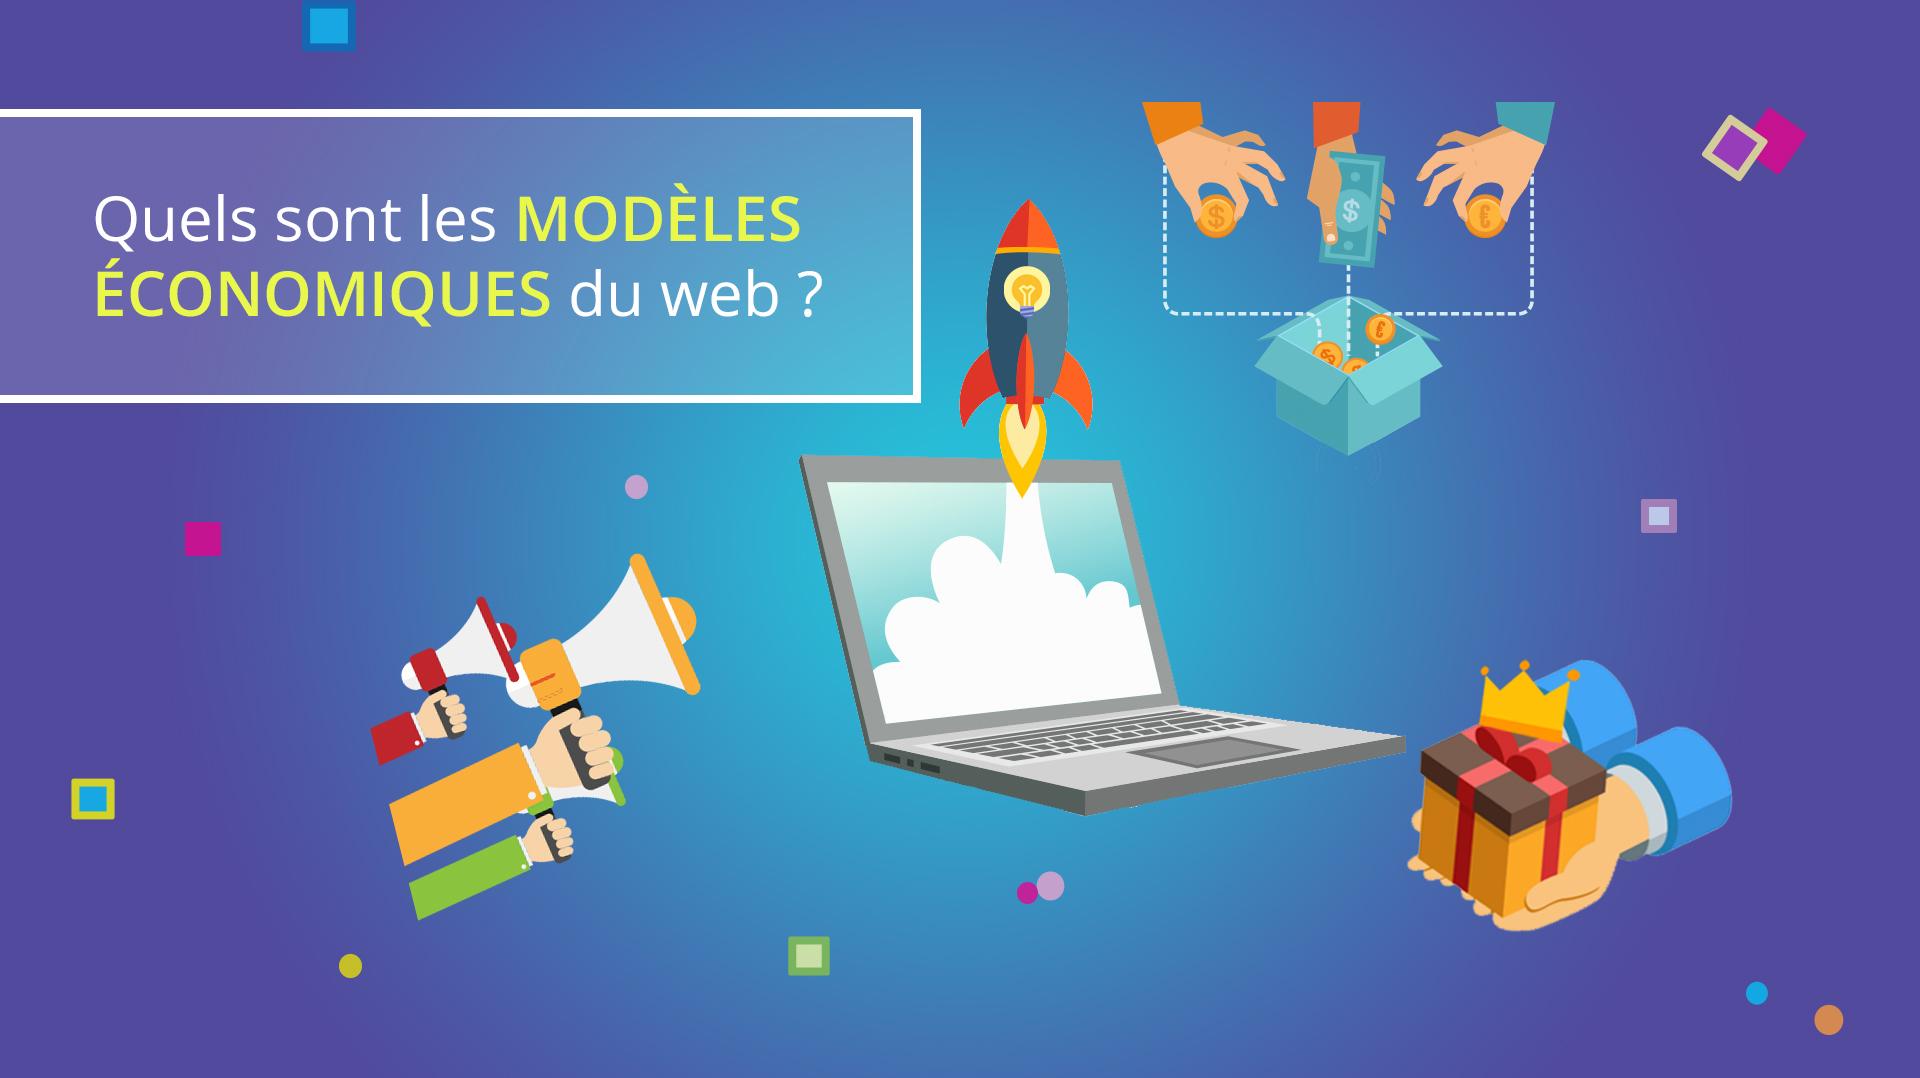 Illusatration Quels sont les modèles économiques du web ?